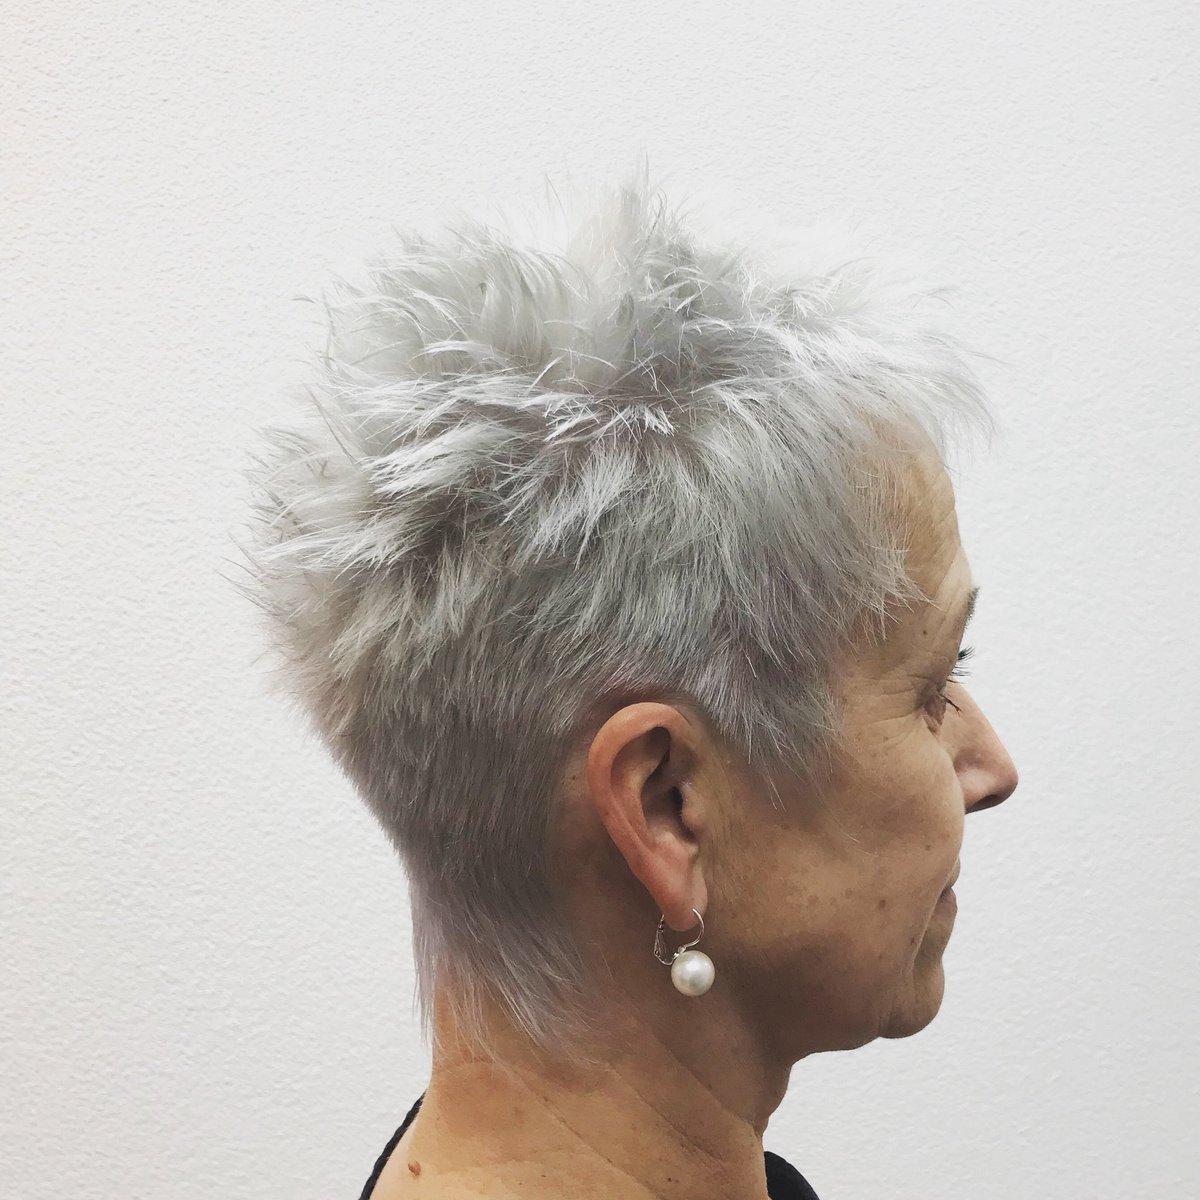 Haare Färben Chemotherapie Perücken Von Gisela Mayer Klipp Frisör